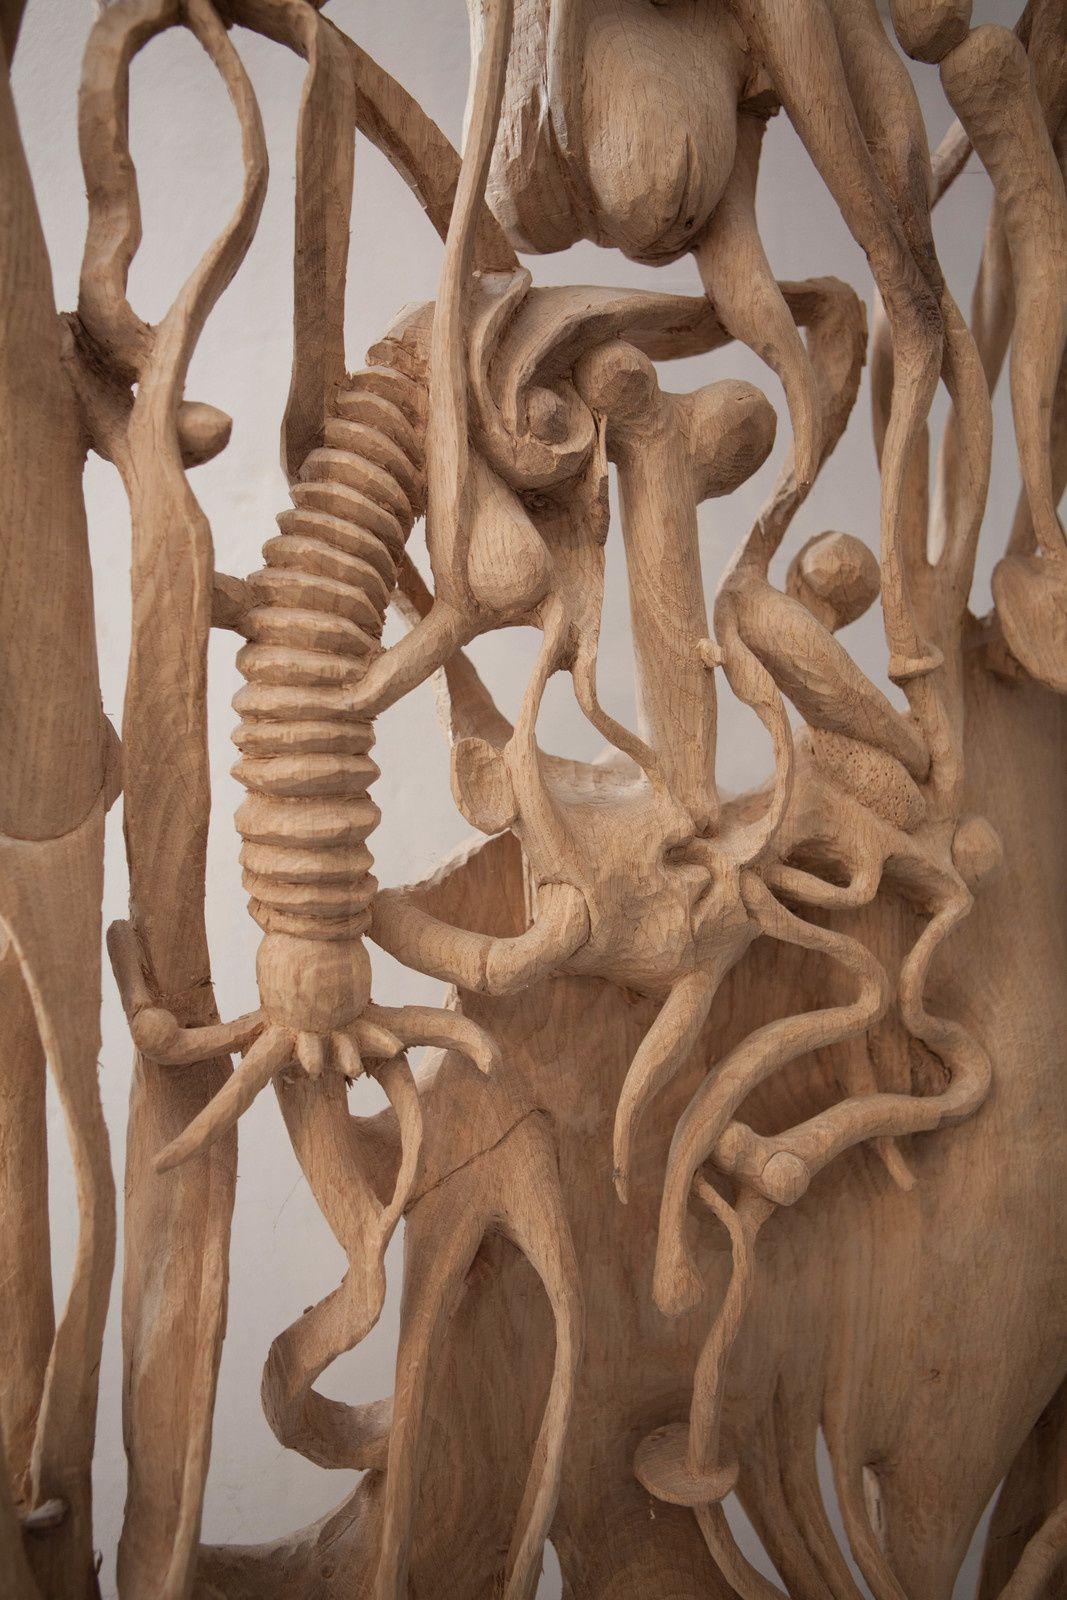 Anamorphose, exposition de Célestin Pierret à la chapelle St-Roch : une sculpture en osmose avec l'architecture